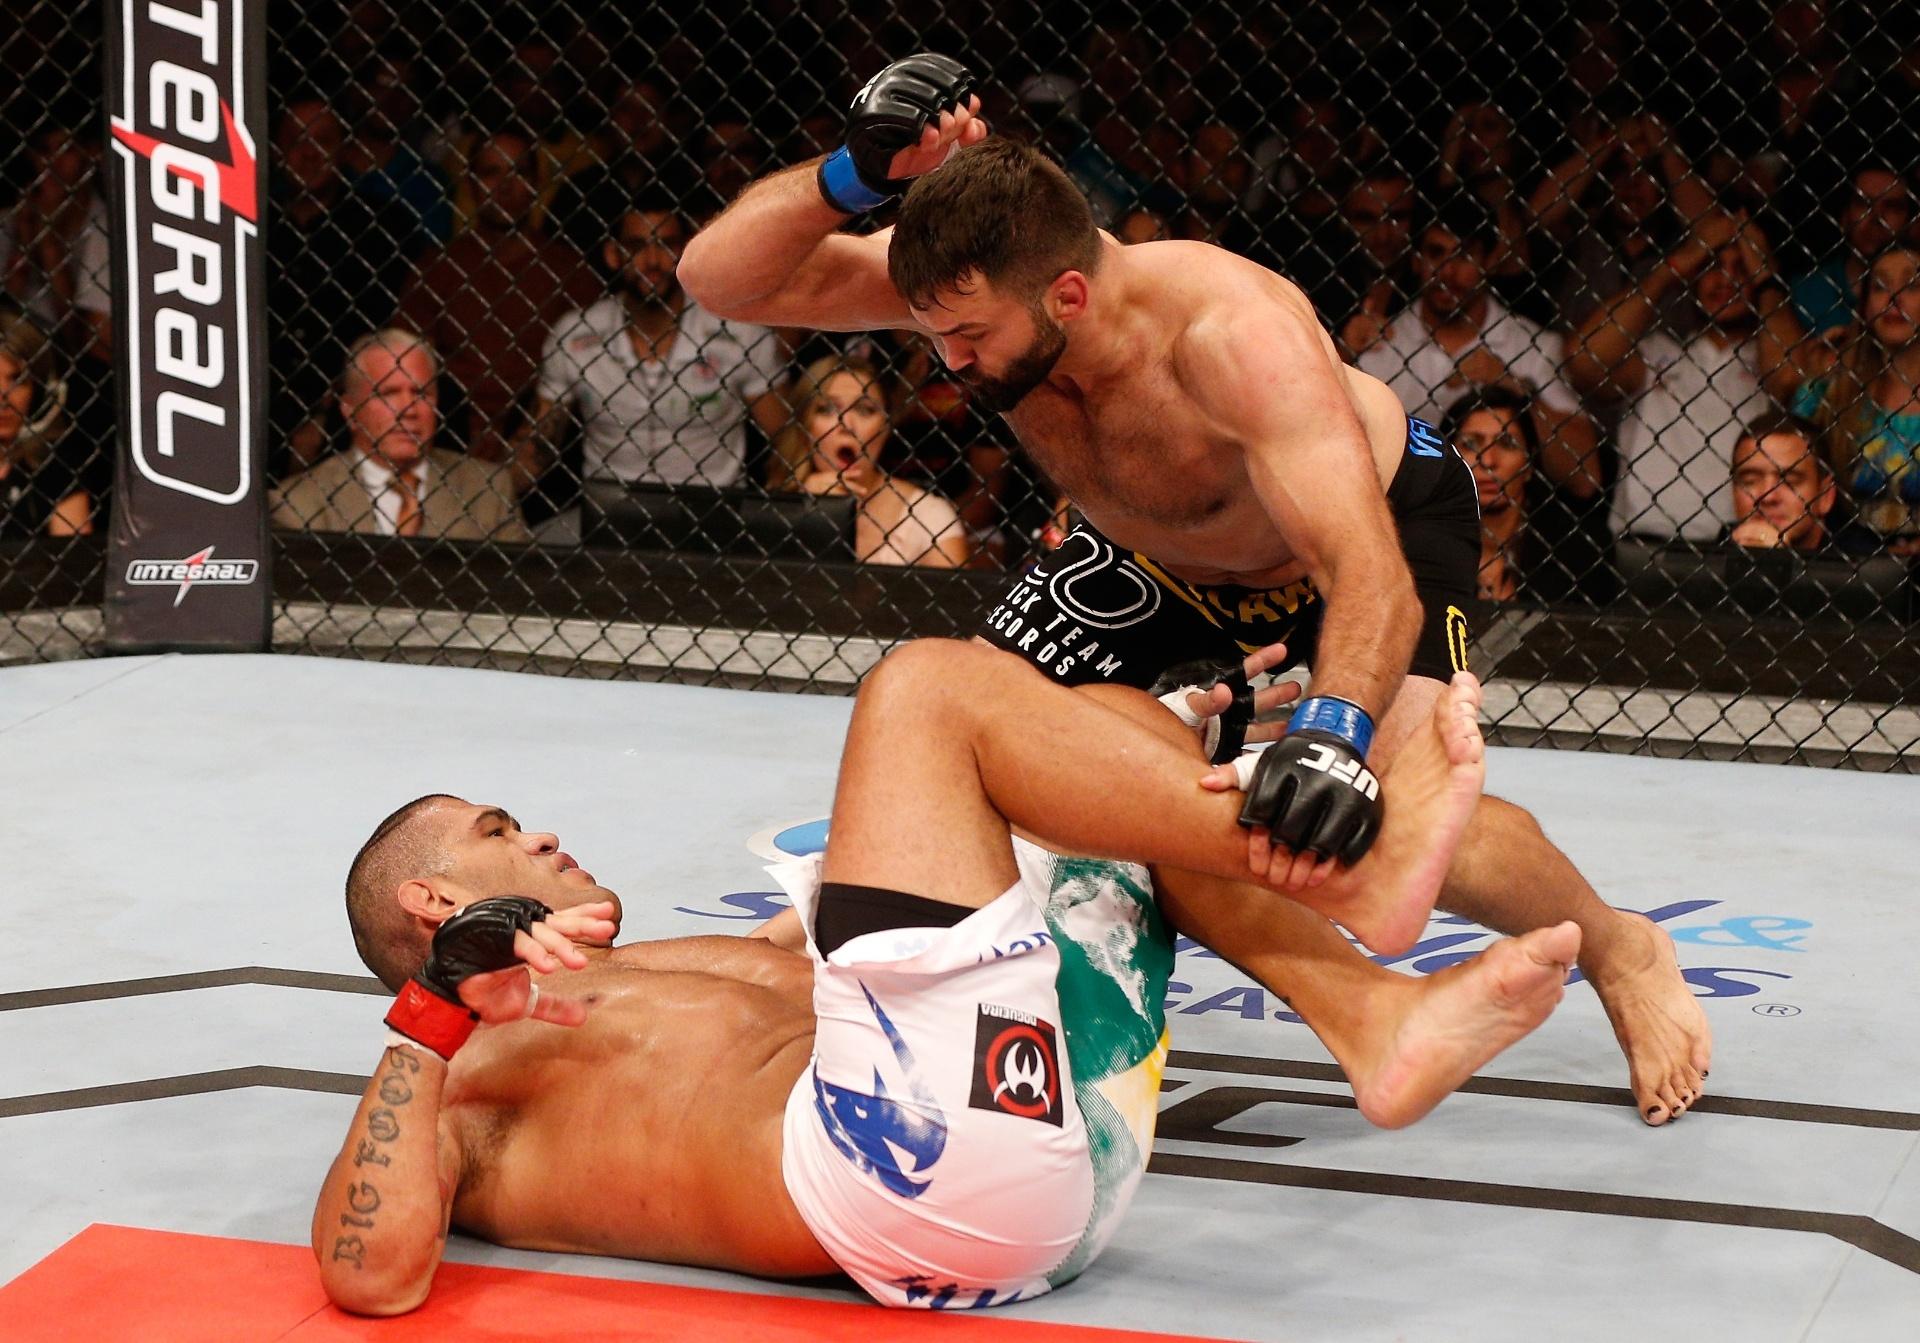 Pezão (caído) no momento do nocaute de Andrei Arlovski no UFC Brasília